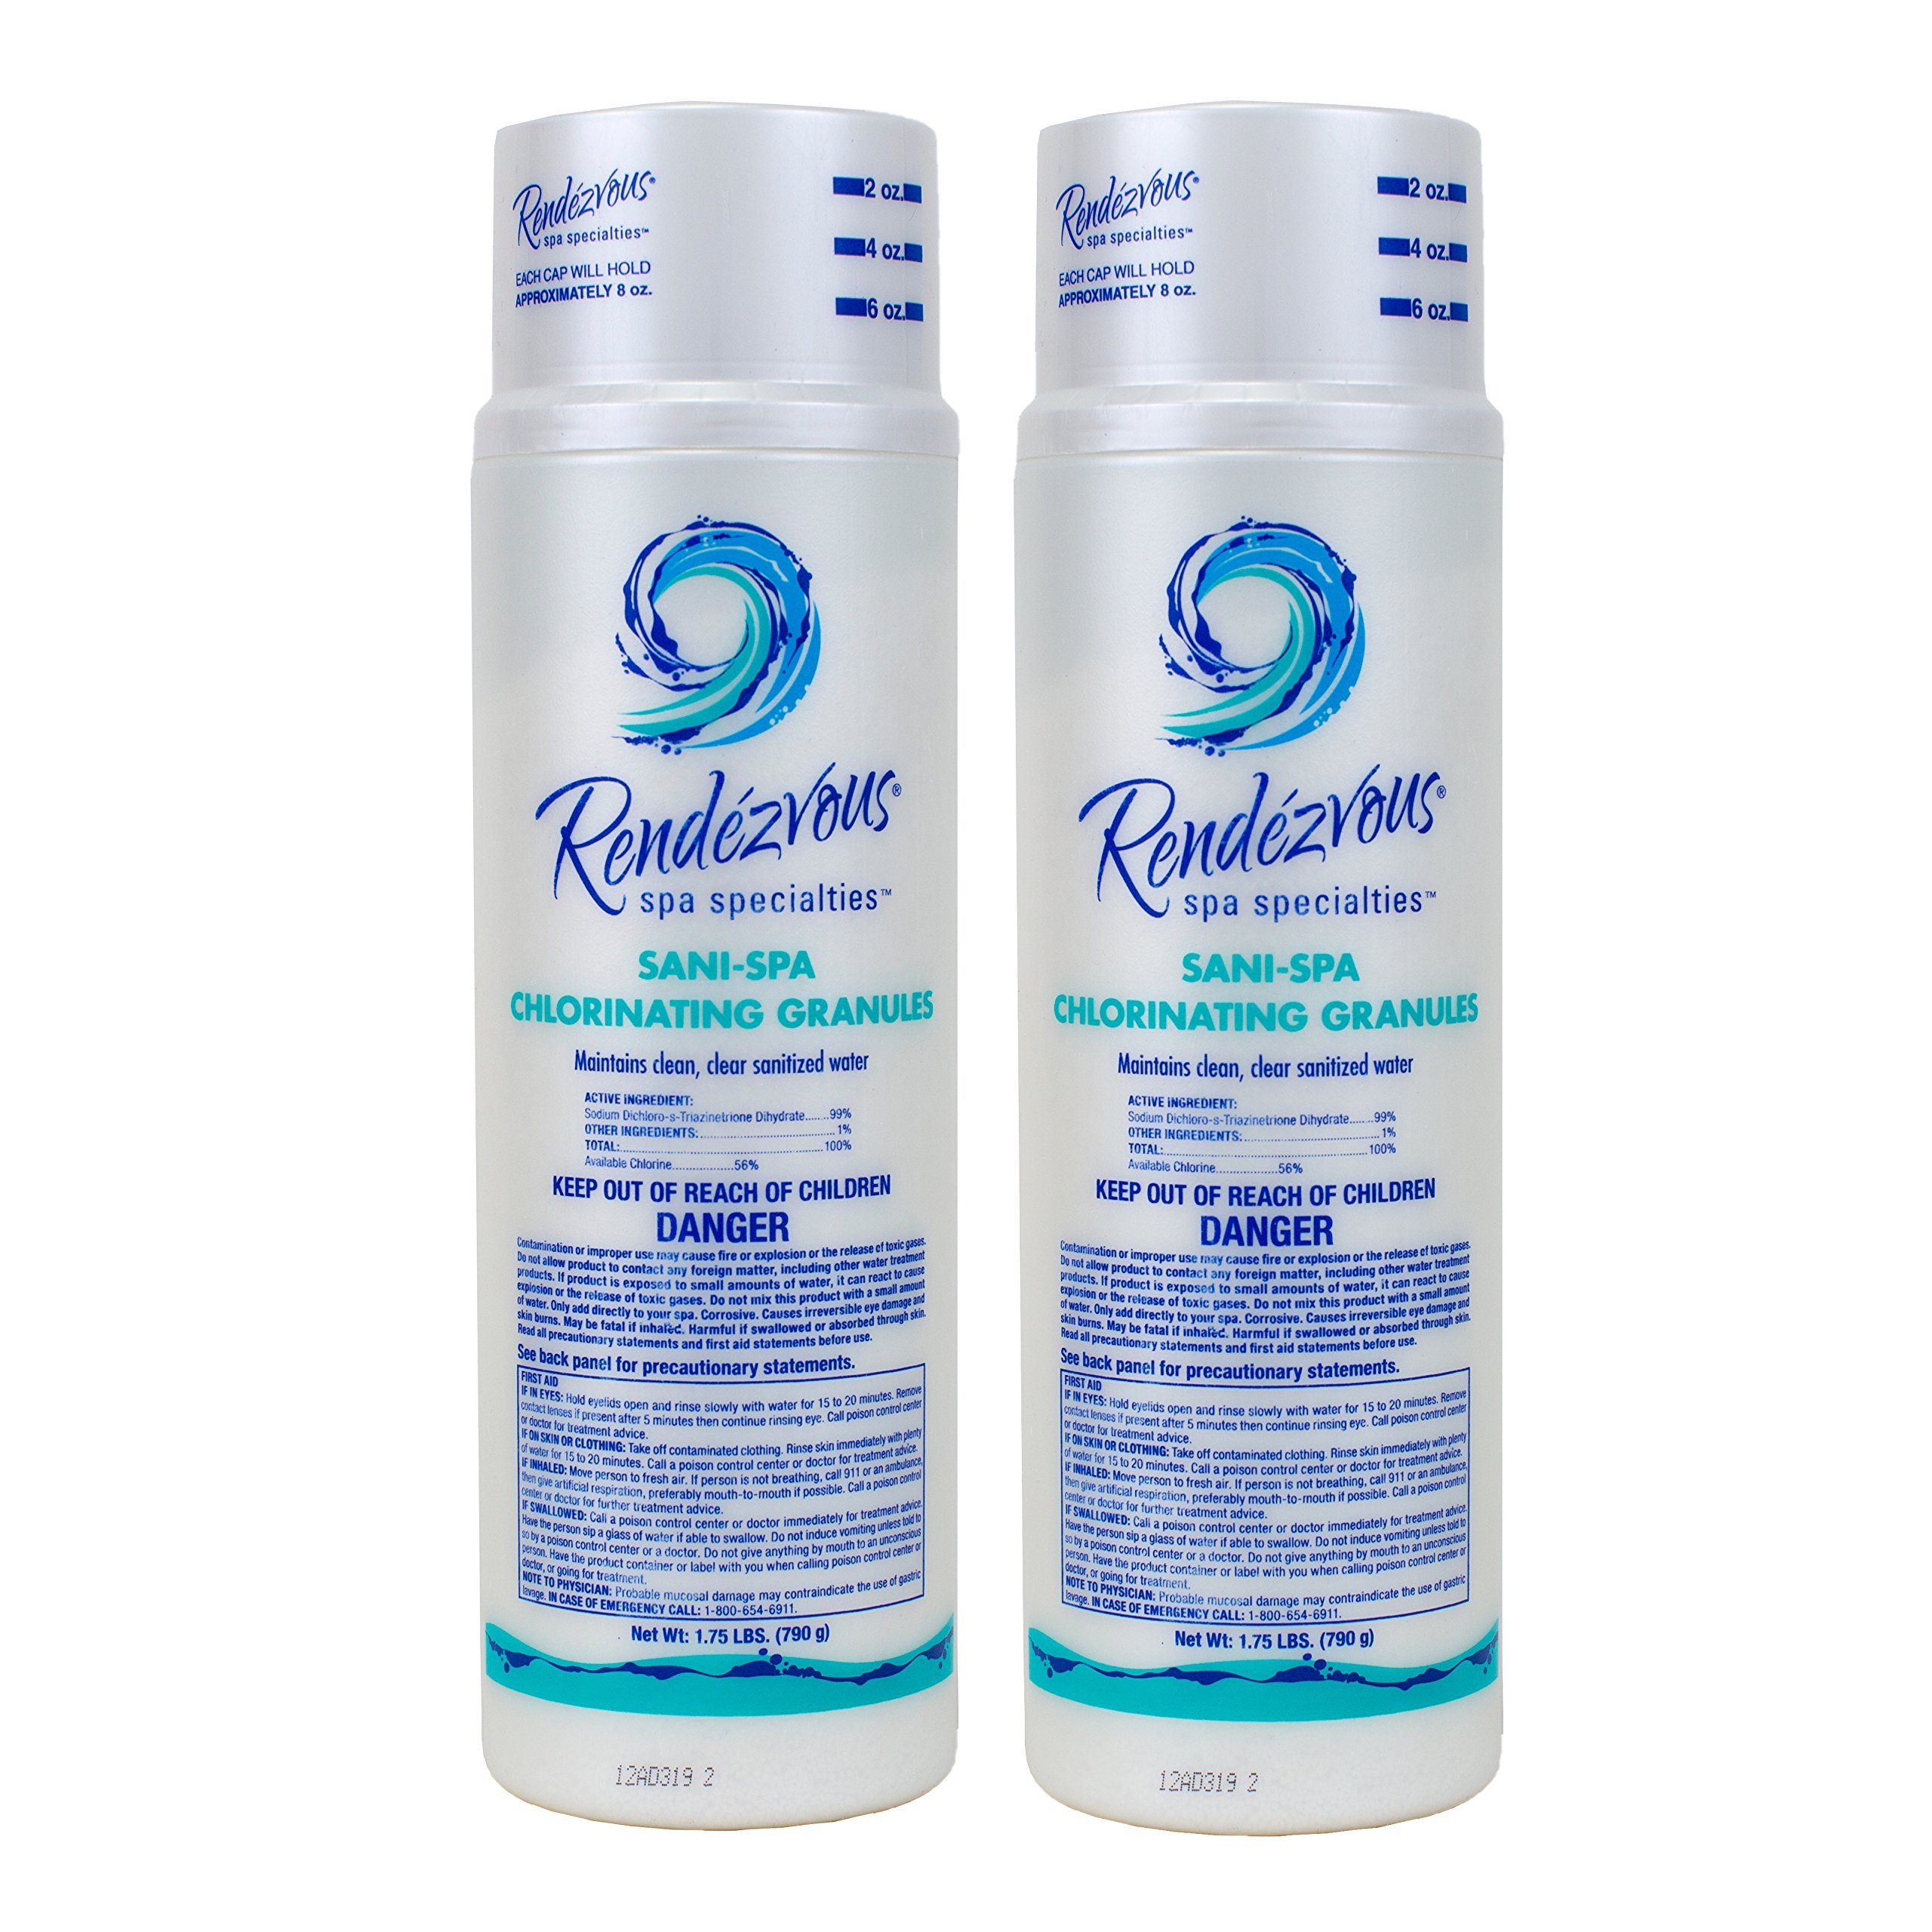 Rendezvous Spa Specialties Sani-Spa Chlorinating Granules (1.75 lb) (2 Pack)